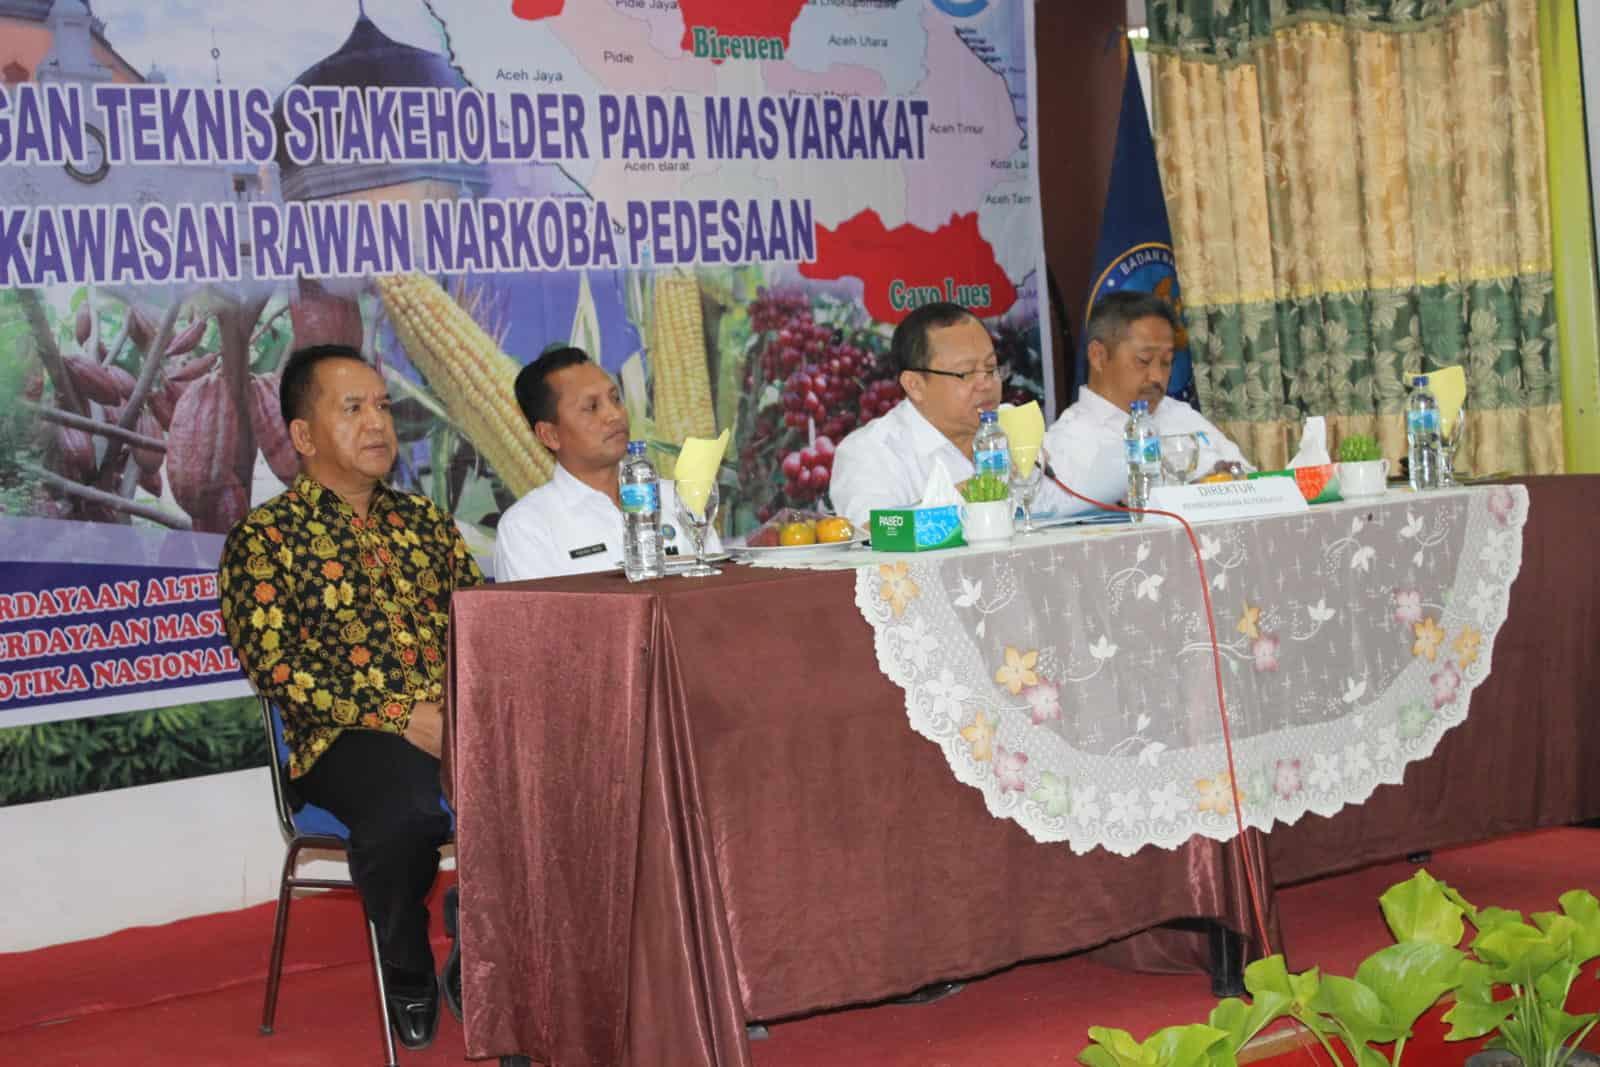 Bimtek stakeholder pada masyarakat kawasan rawan narkoba